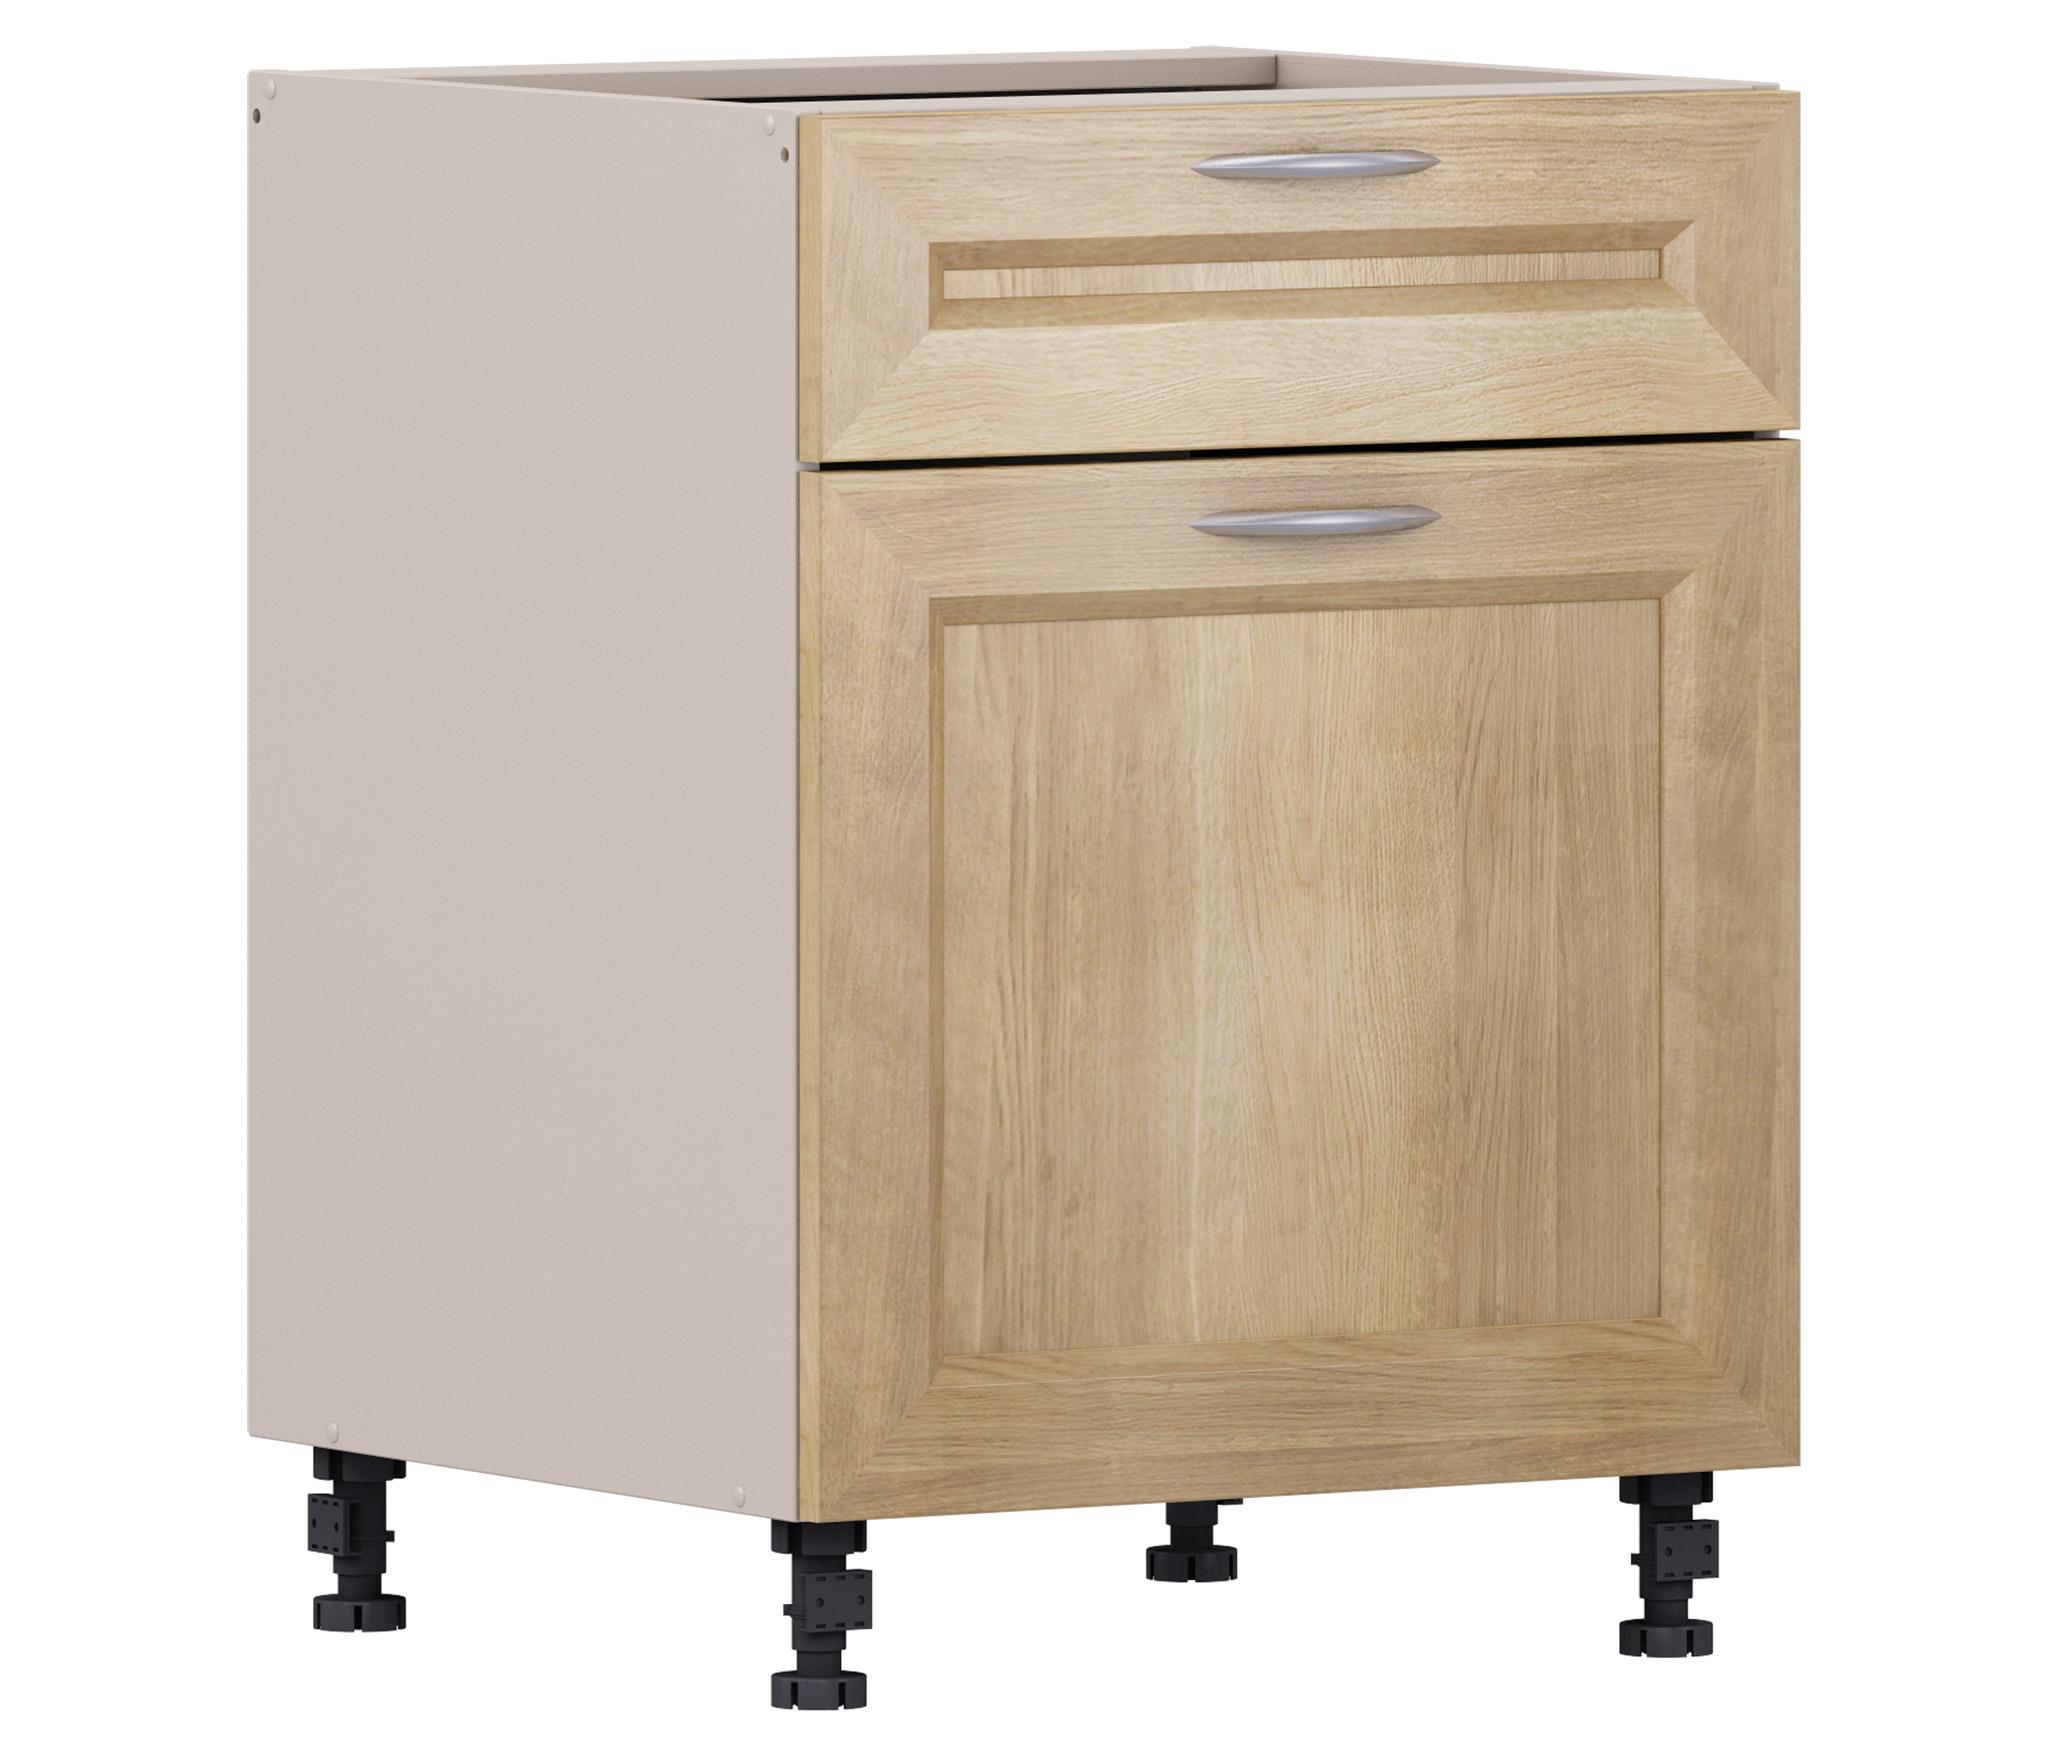 Регина РСДЯ-1-60 столМебель для кухни<br>Стол РСДЯ-1-60 имеет выдвижной ящик и отделение, закрывающееся дверцей.<br><br>Длина мм: 600<br>Высота мм: 820<br>Глубина мм: 563